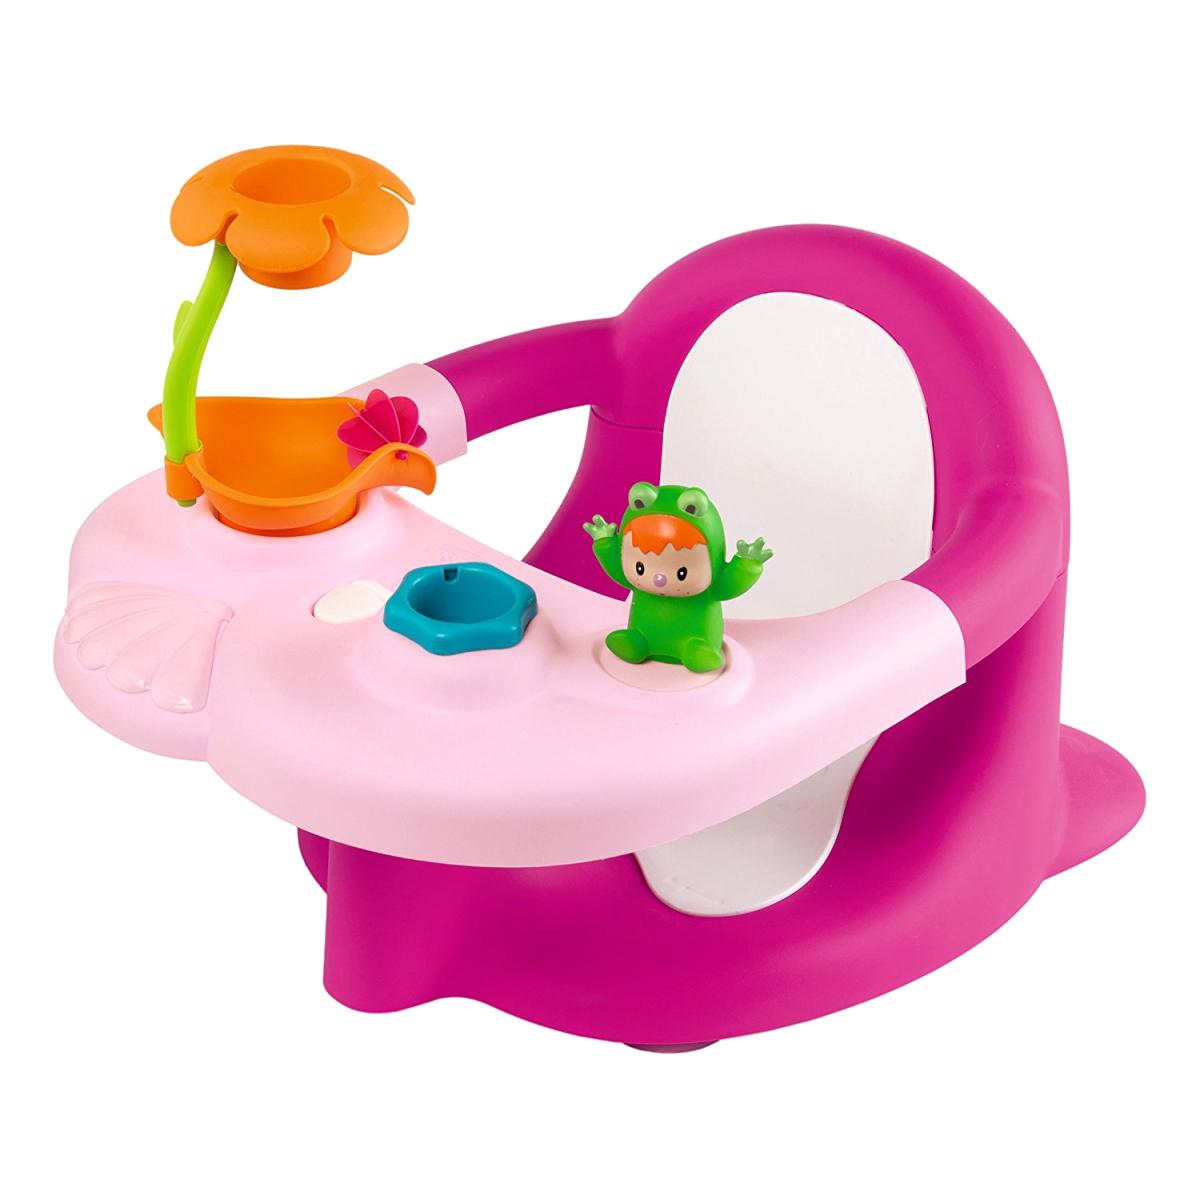 smoby Стул для купания Cotoons, розовый, Smoby (110616)